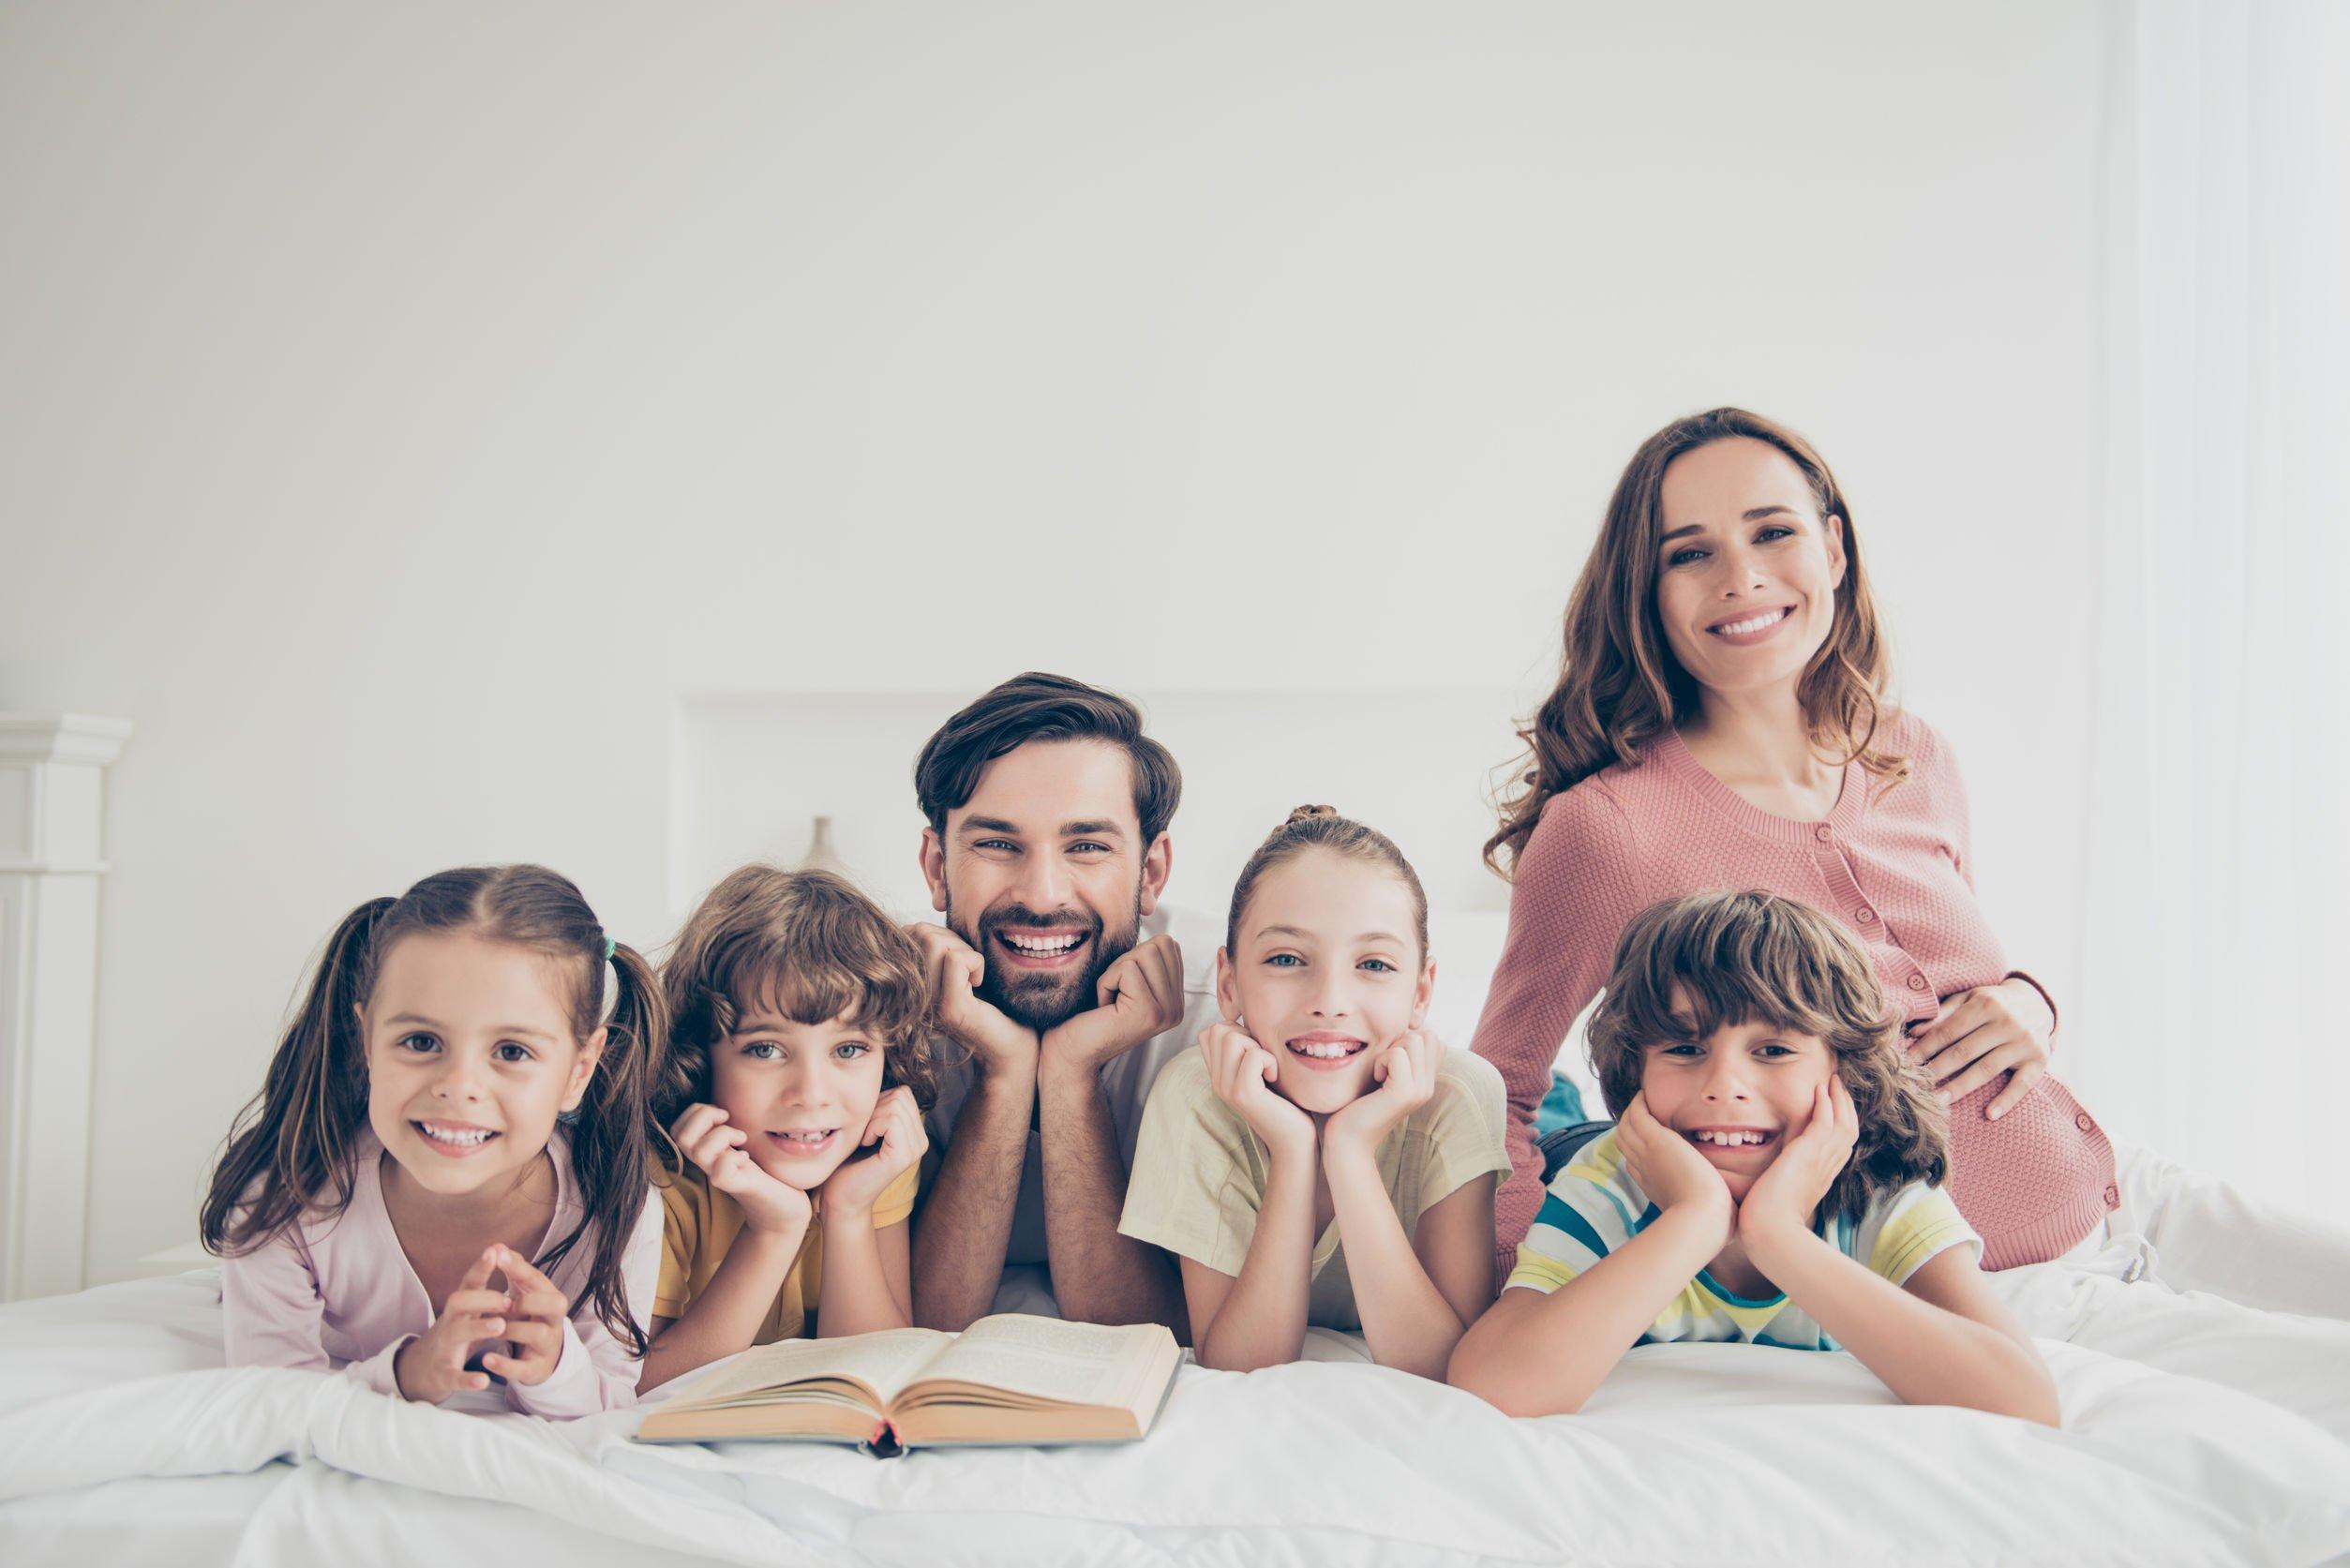 Imagem de família feliz deita em uma cama